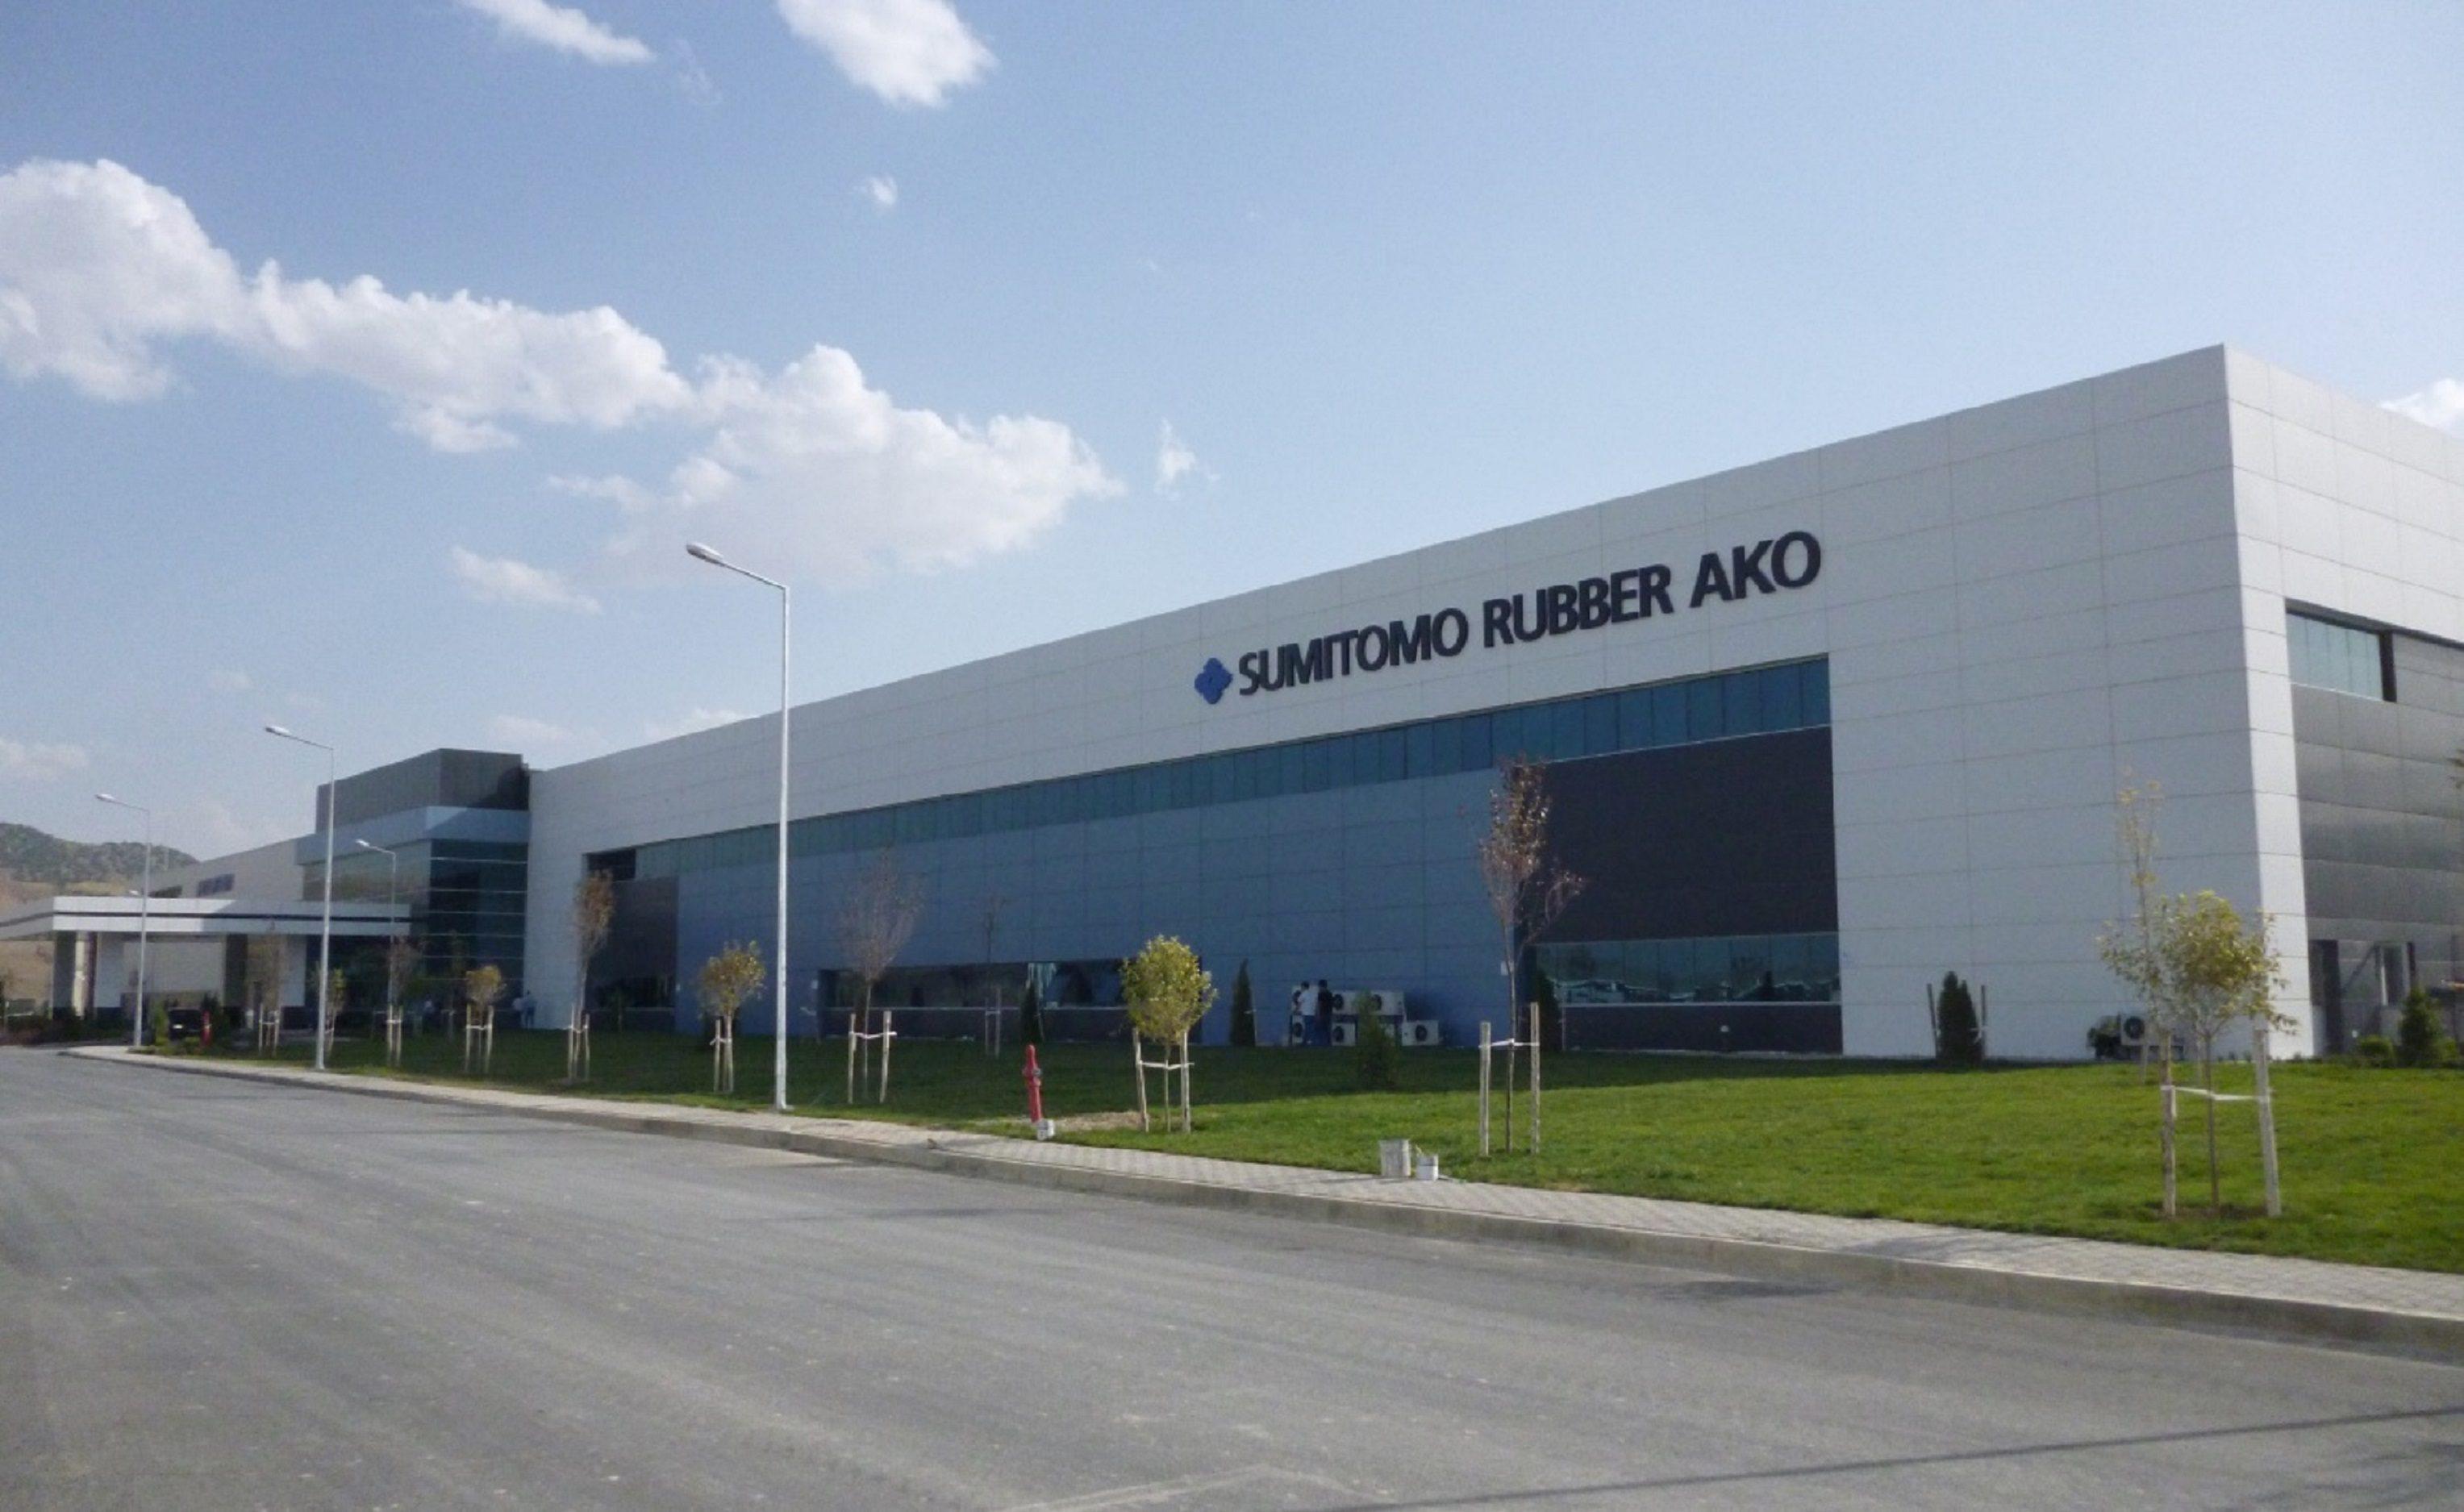 Sumitomo Rubber Ako Lastikleri ESO Endüstriyel Otomasyonu Çözüm Ortağı Seçti.